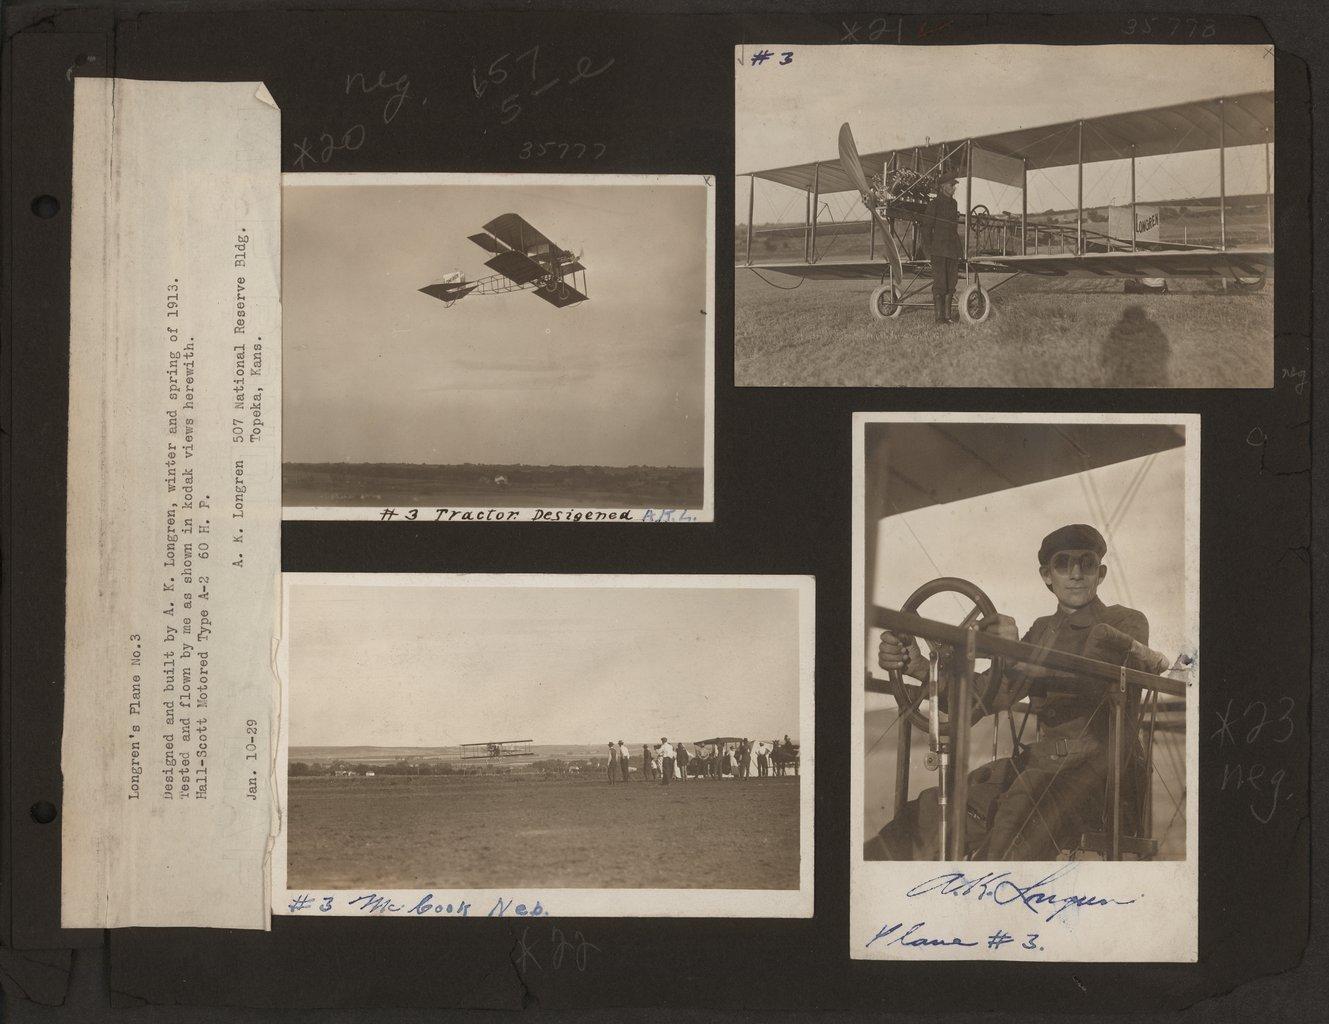 Albin Kasper Longren's photograph album - 9